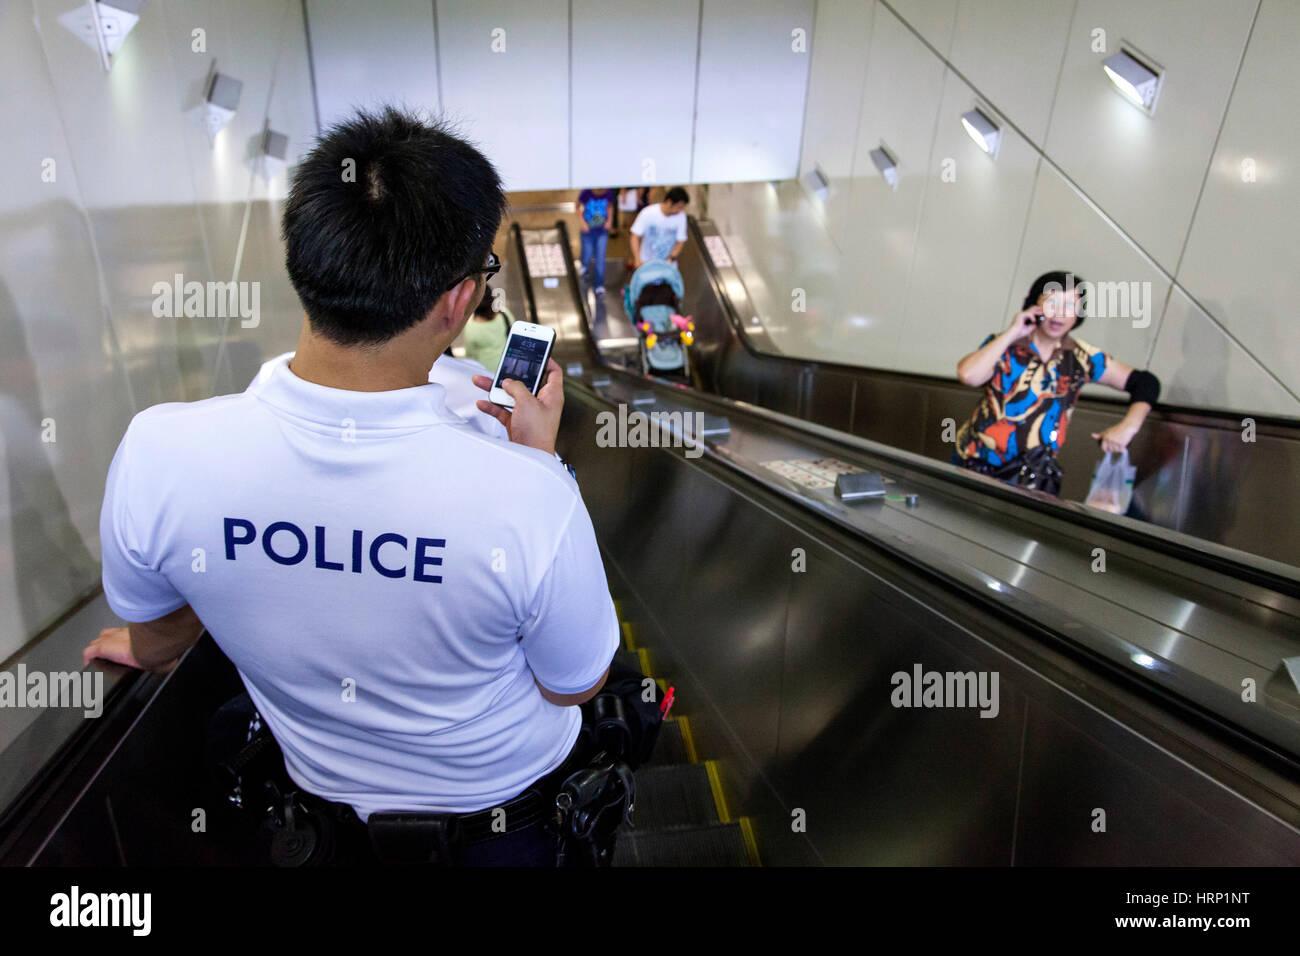 Polizei, Polizei-Präsenz in Chinatown, u-Bahn station, Chinatown, Singapur SE4, Chinatown, Singapur, Asien Stockbild